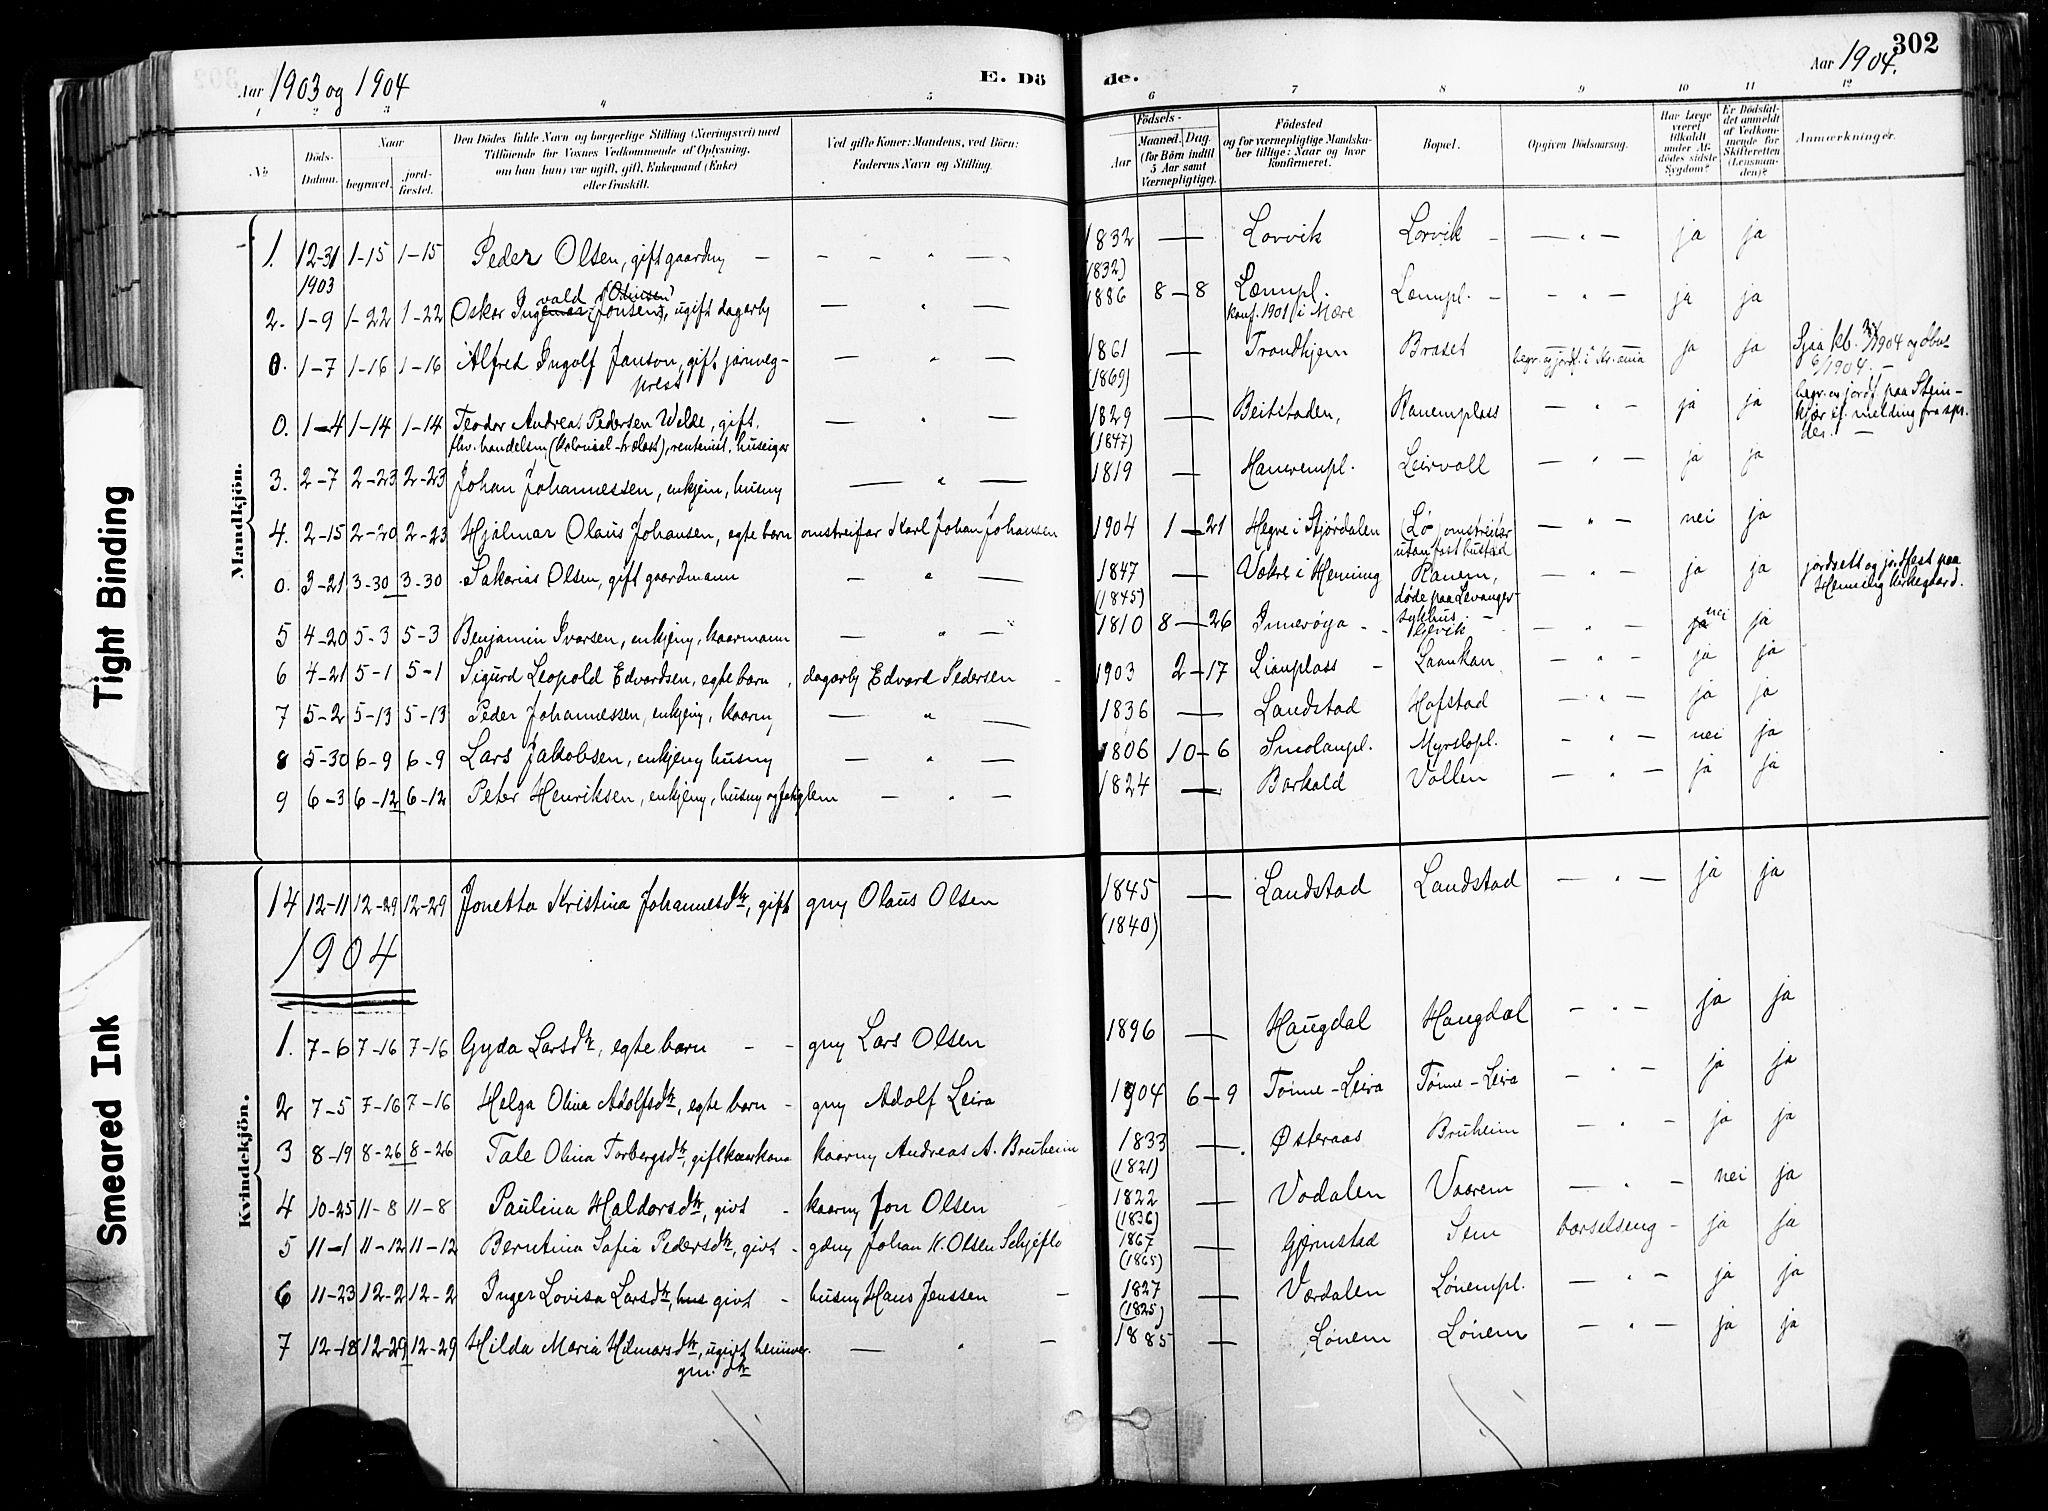 SAT, Ministerialprotokoller, klokkerbøker og fødselsregistre - Nord-Trøndelag, 735/L0351: Ministerialbok nr. 735A10, 1884-1908, s. 302